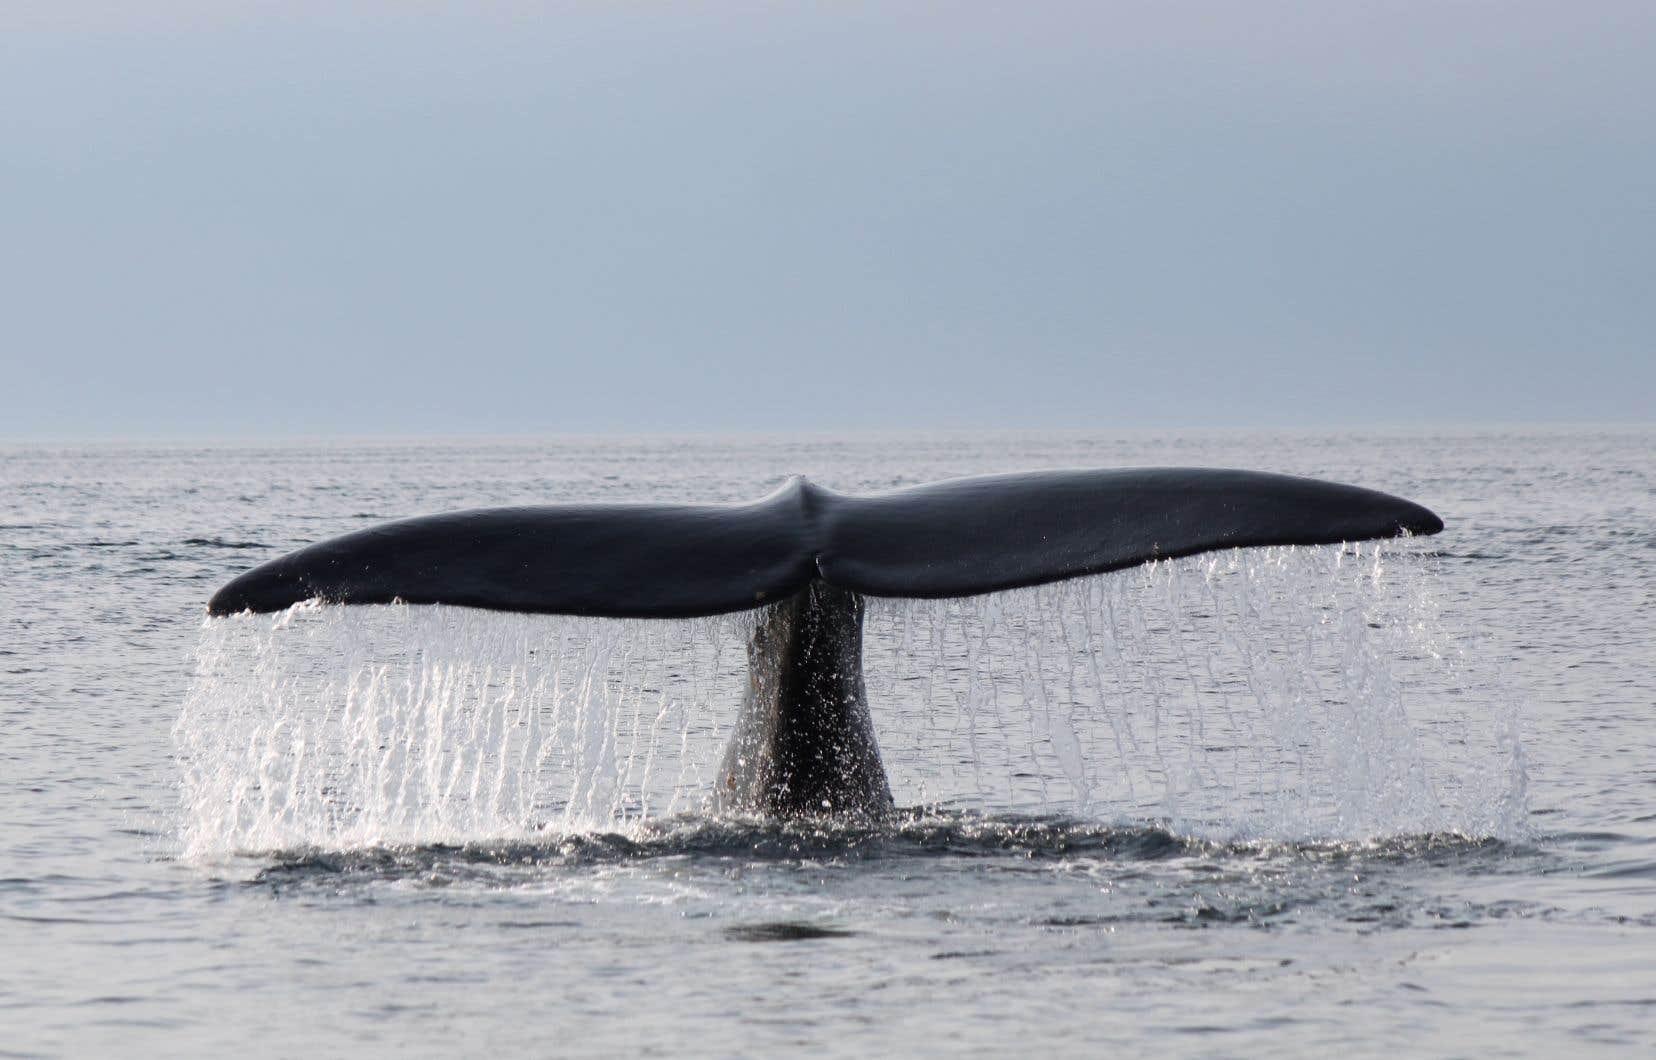 Les opérations de sauvetage de baleines empêtrées et les nécropsies des animaux retrouvés morts ont été menées à plusieurs reprises en 2017 et en 2019.